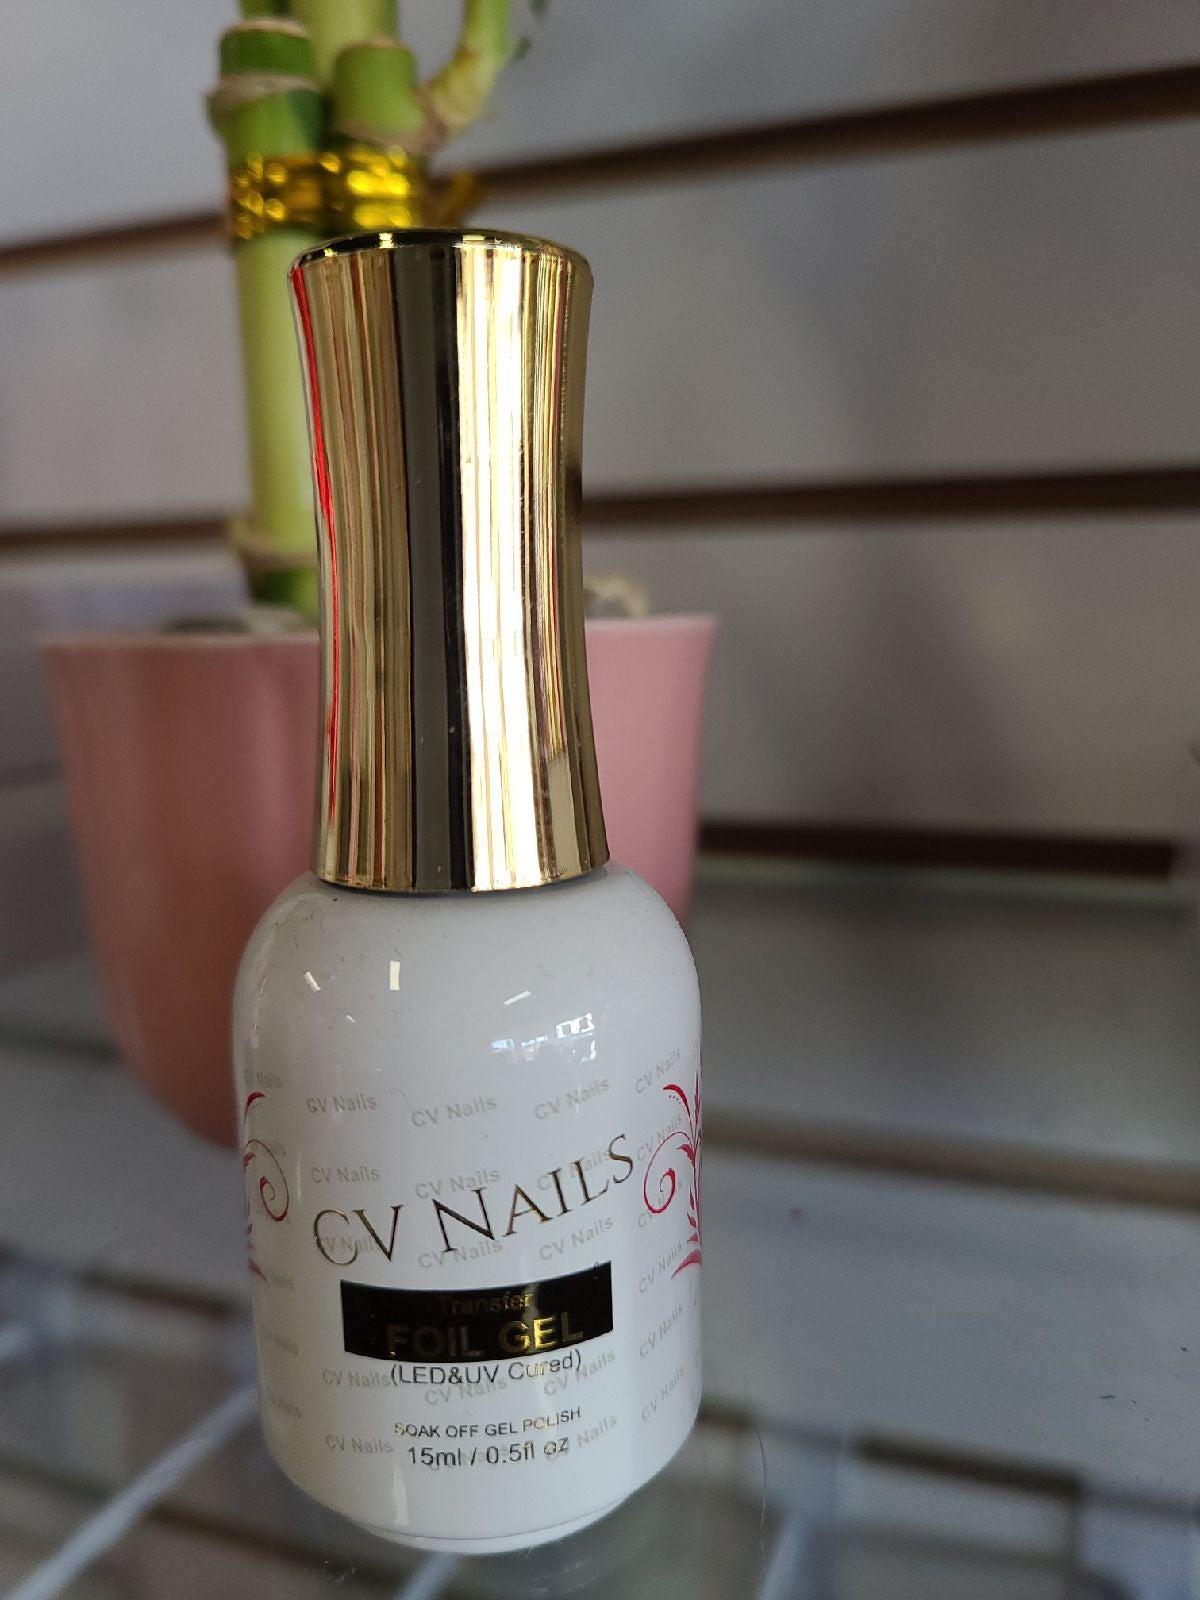 CV Foil Gel for Nails